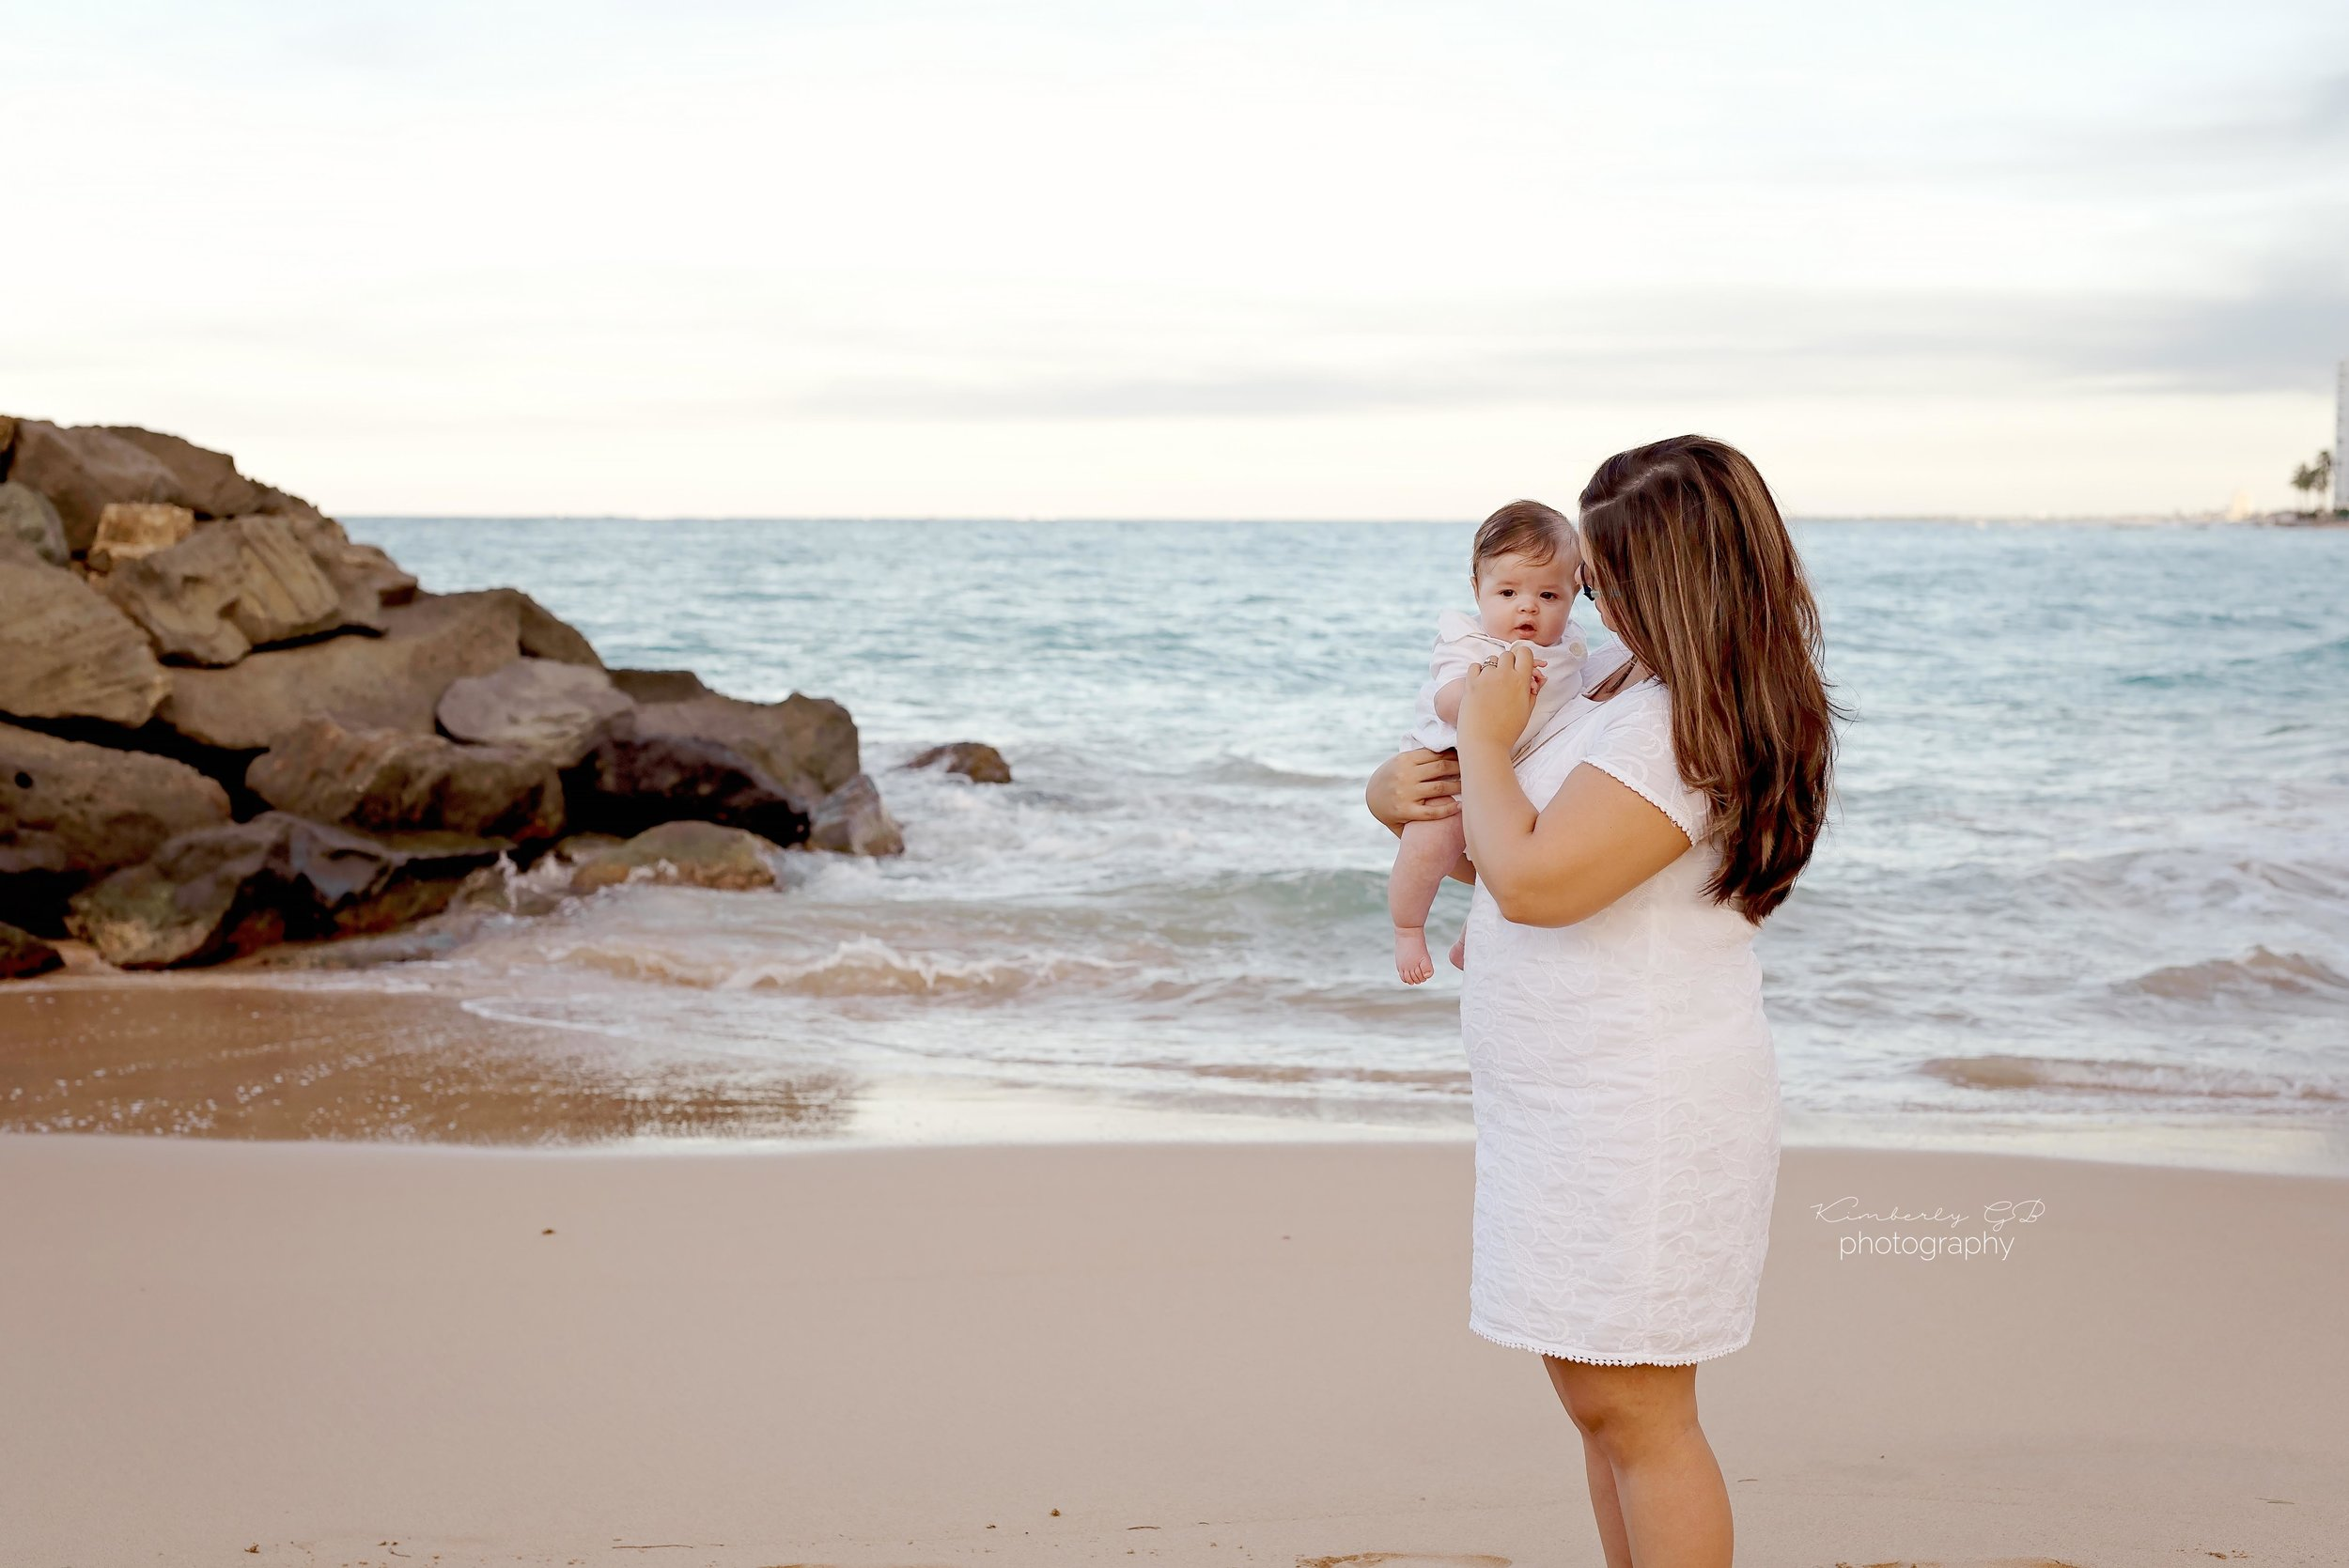 kimberly-gb-photography-fotografa-portrait-retrato-family-familia-puerto-rico-94.jpg